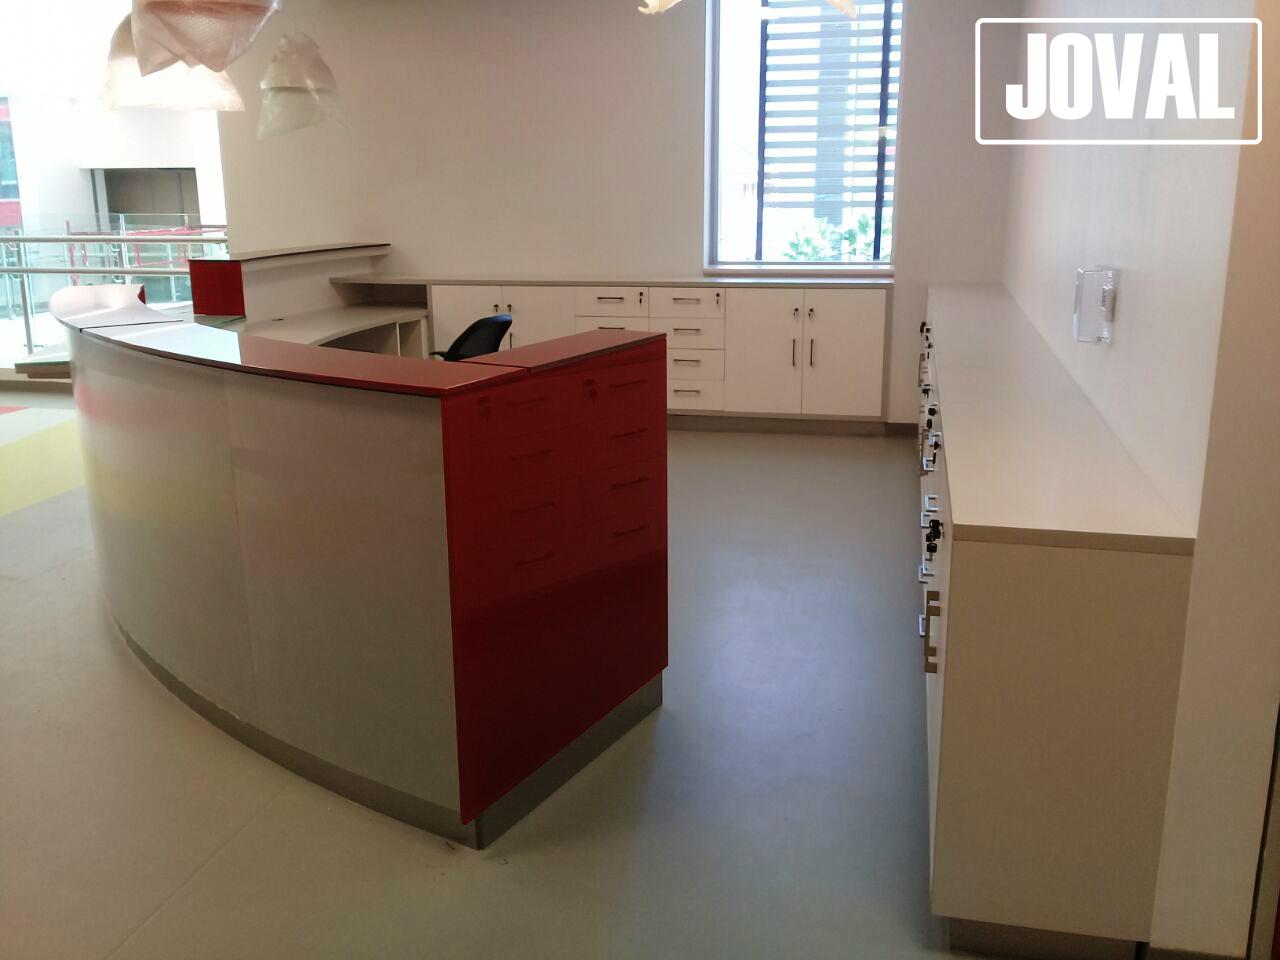 Muebles de recepci n joval proyectos mobiliarios a medida for Mueble recepcion oficina